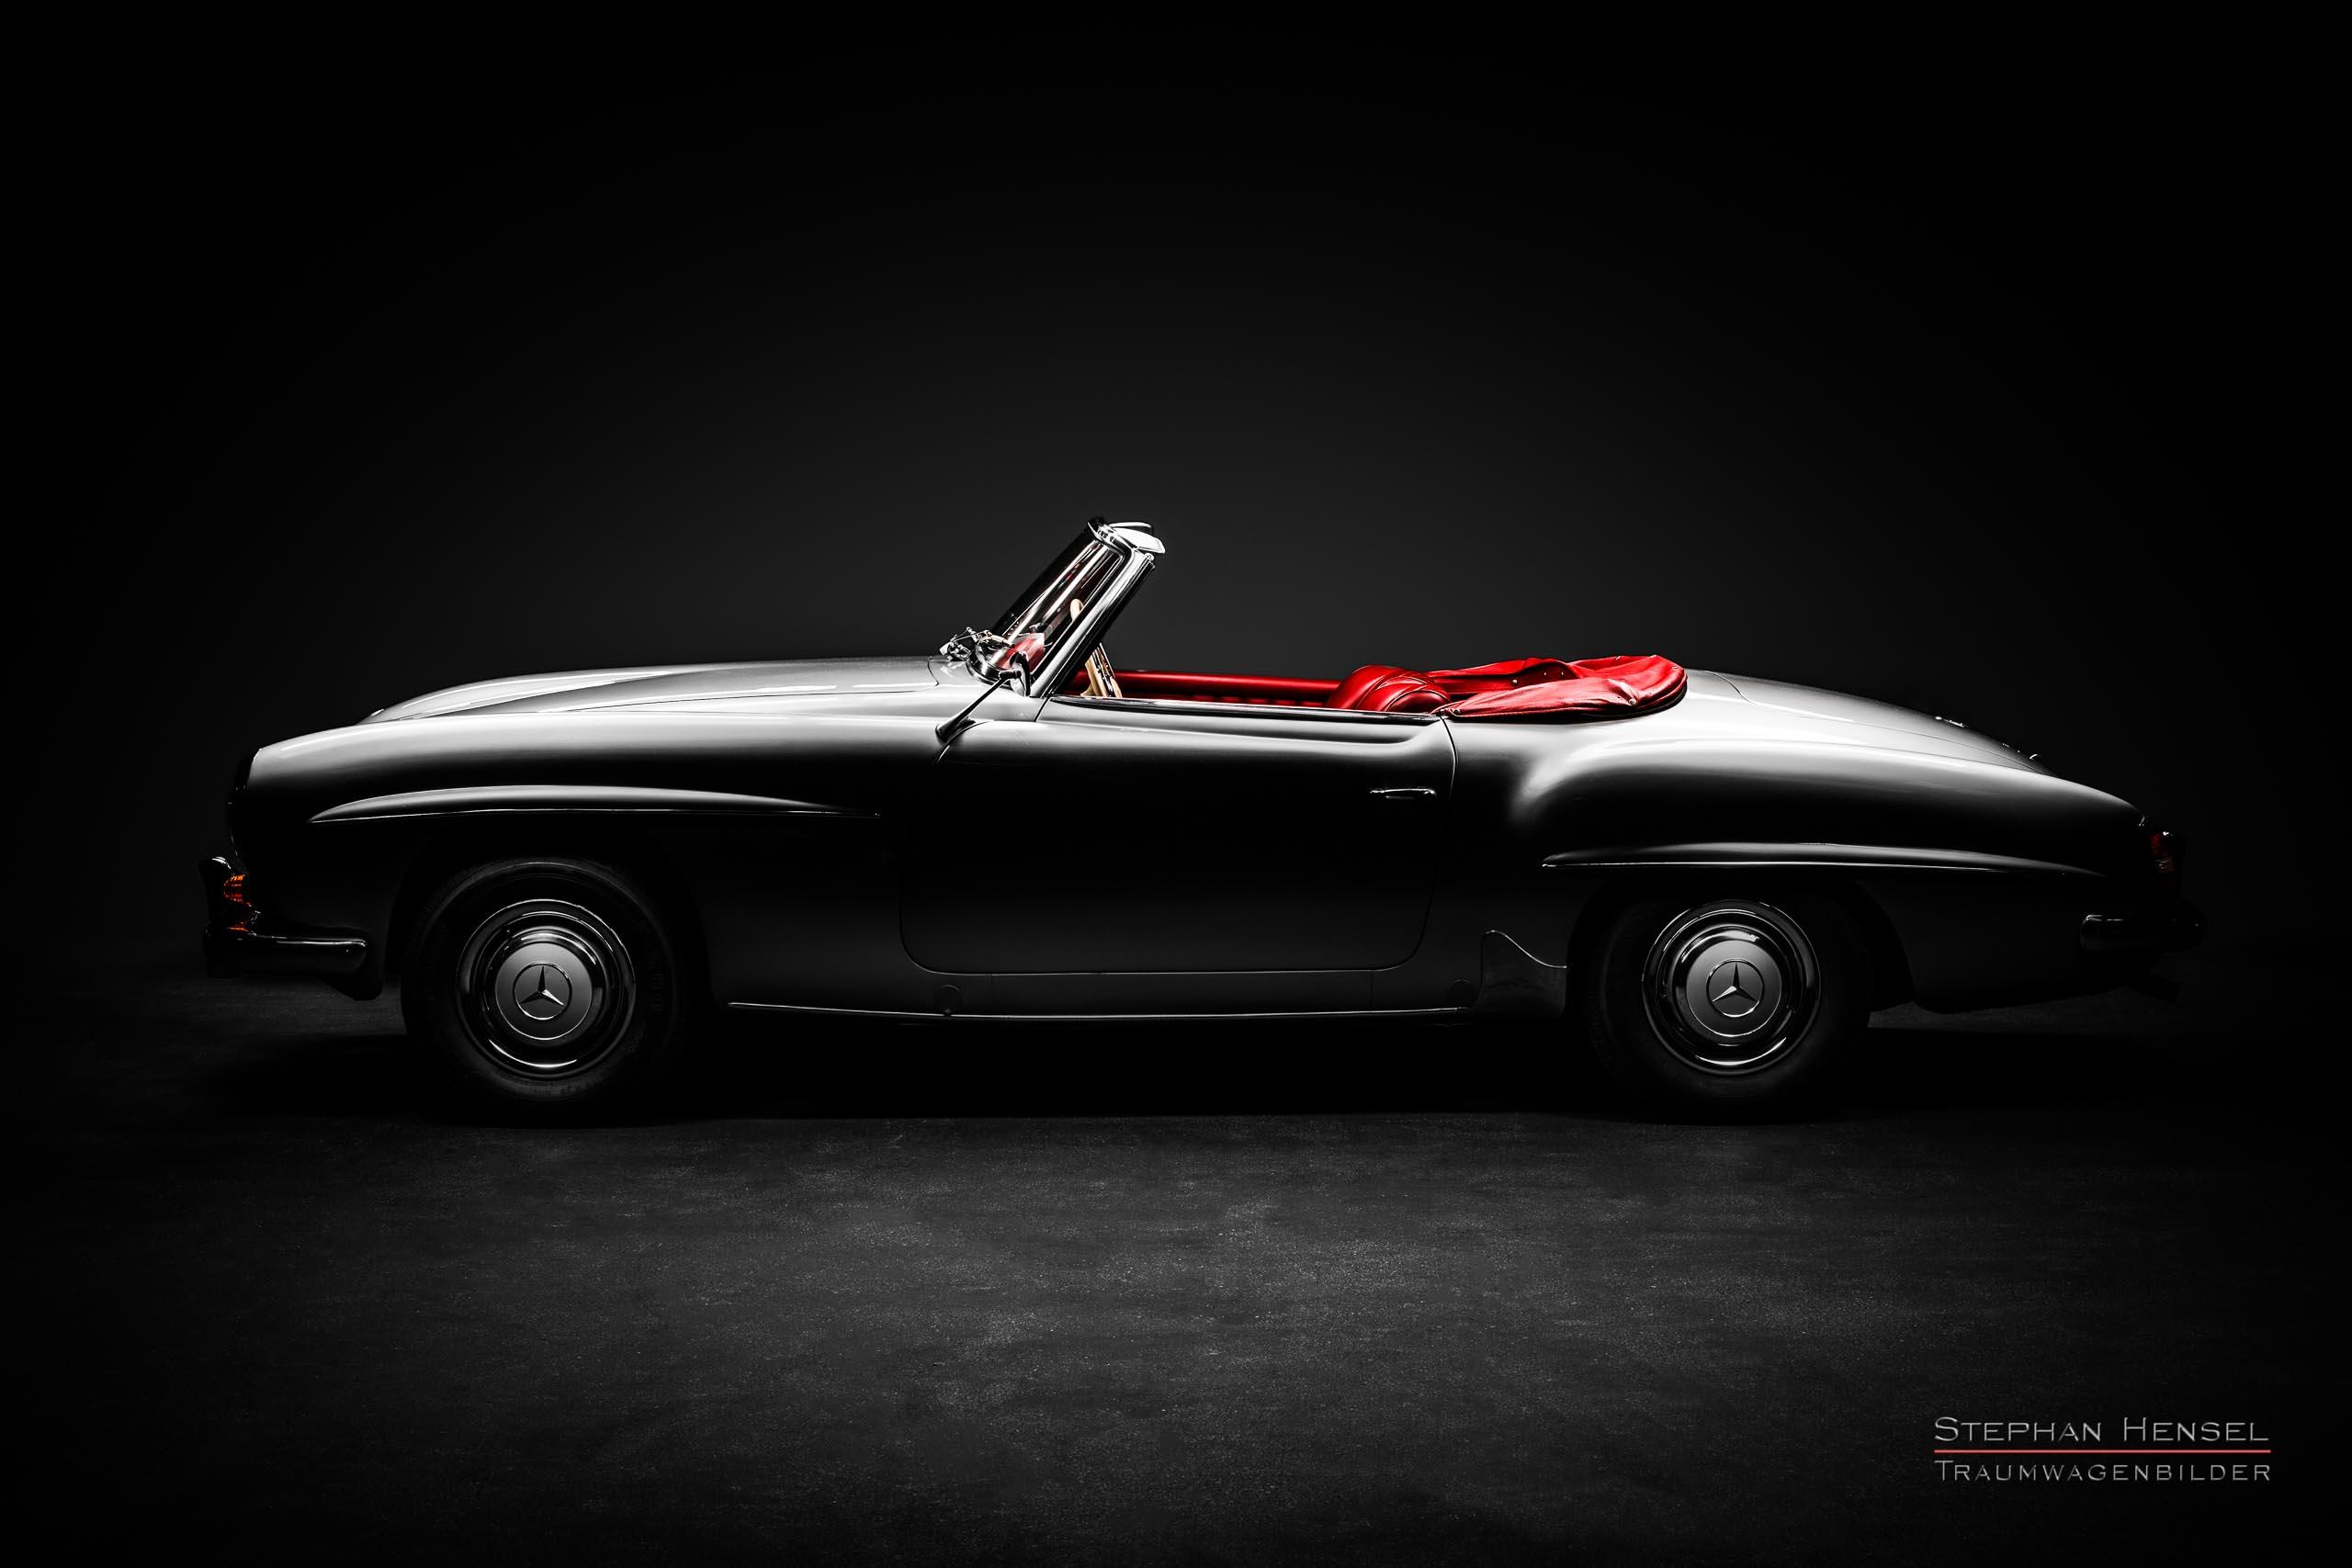 Mercedes-Benz 190 SL, Studioaufnahme, Seitenansicht von links, Autofotografie: Stephan Hensel, Hamburg, Oldtimerfotograf, Oldtimerfotografie